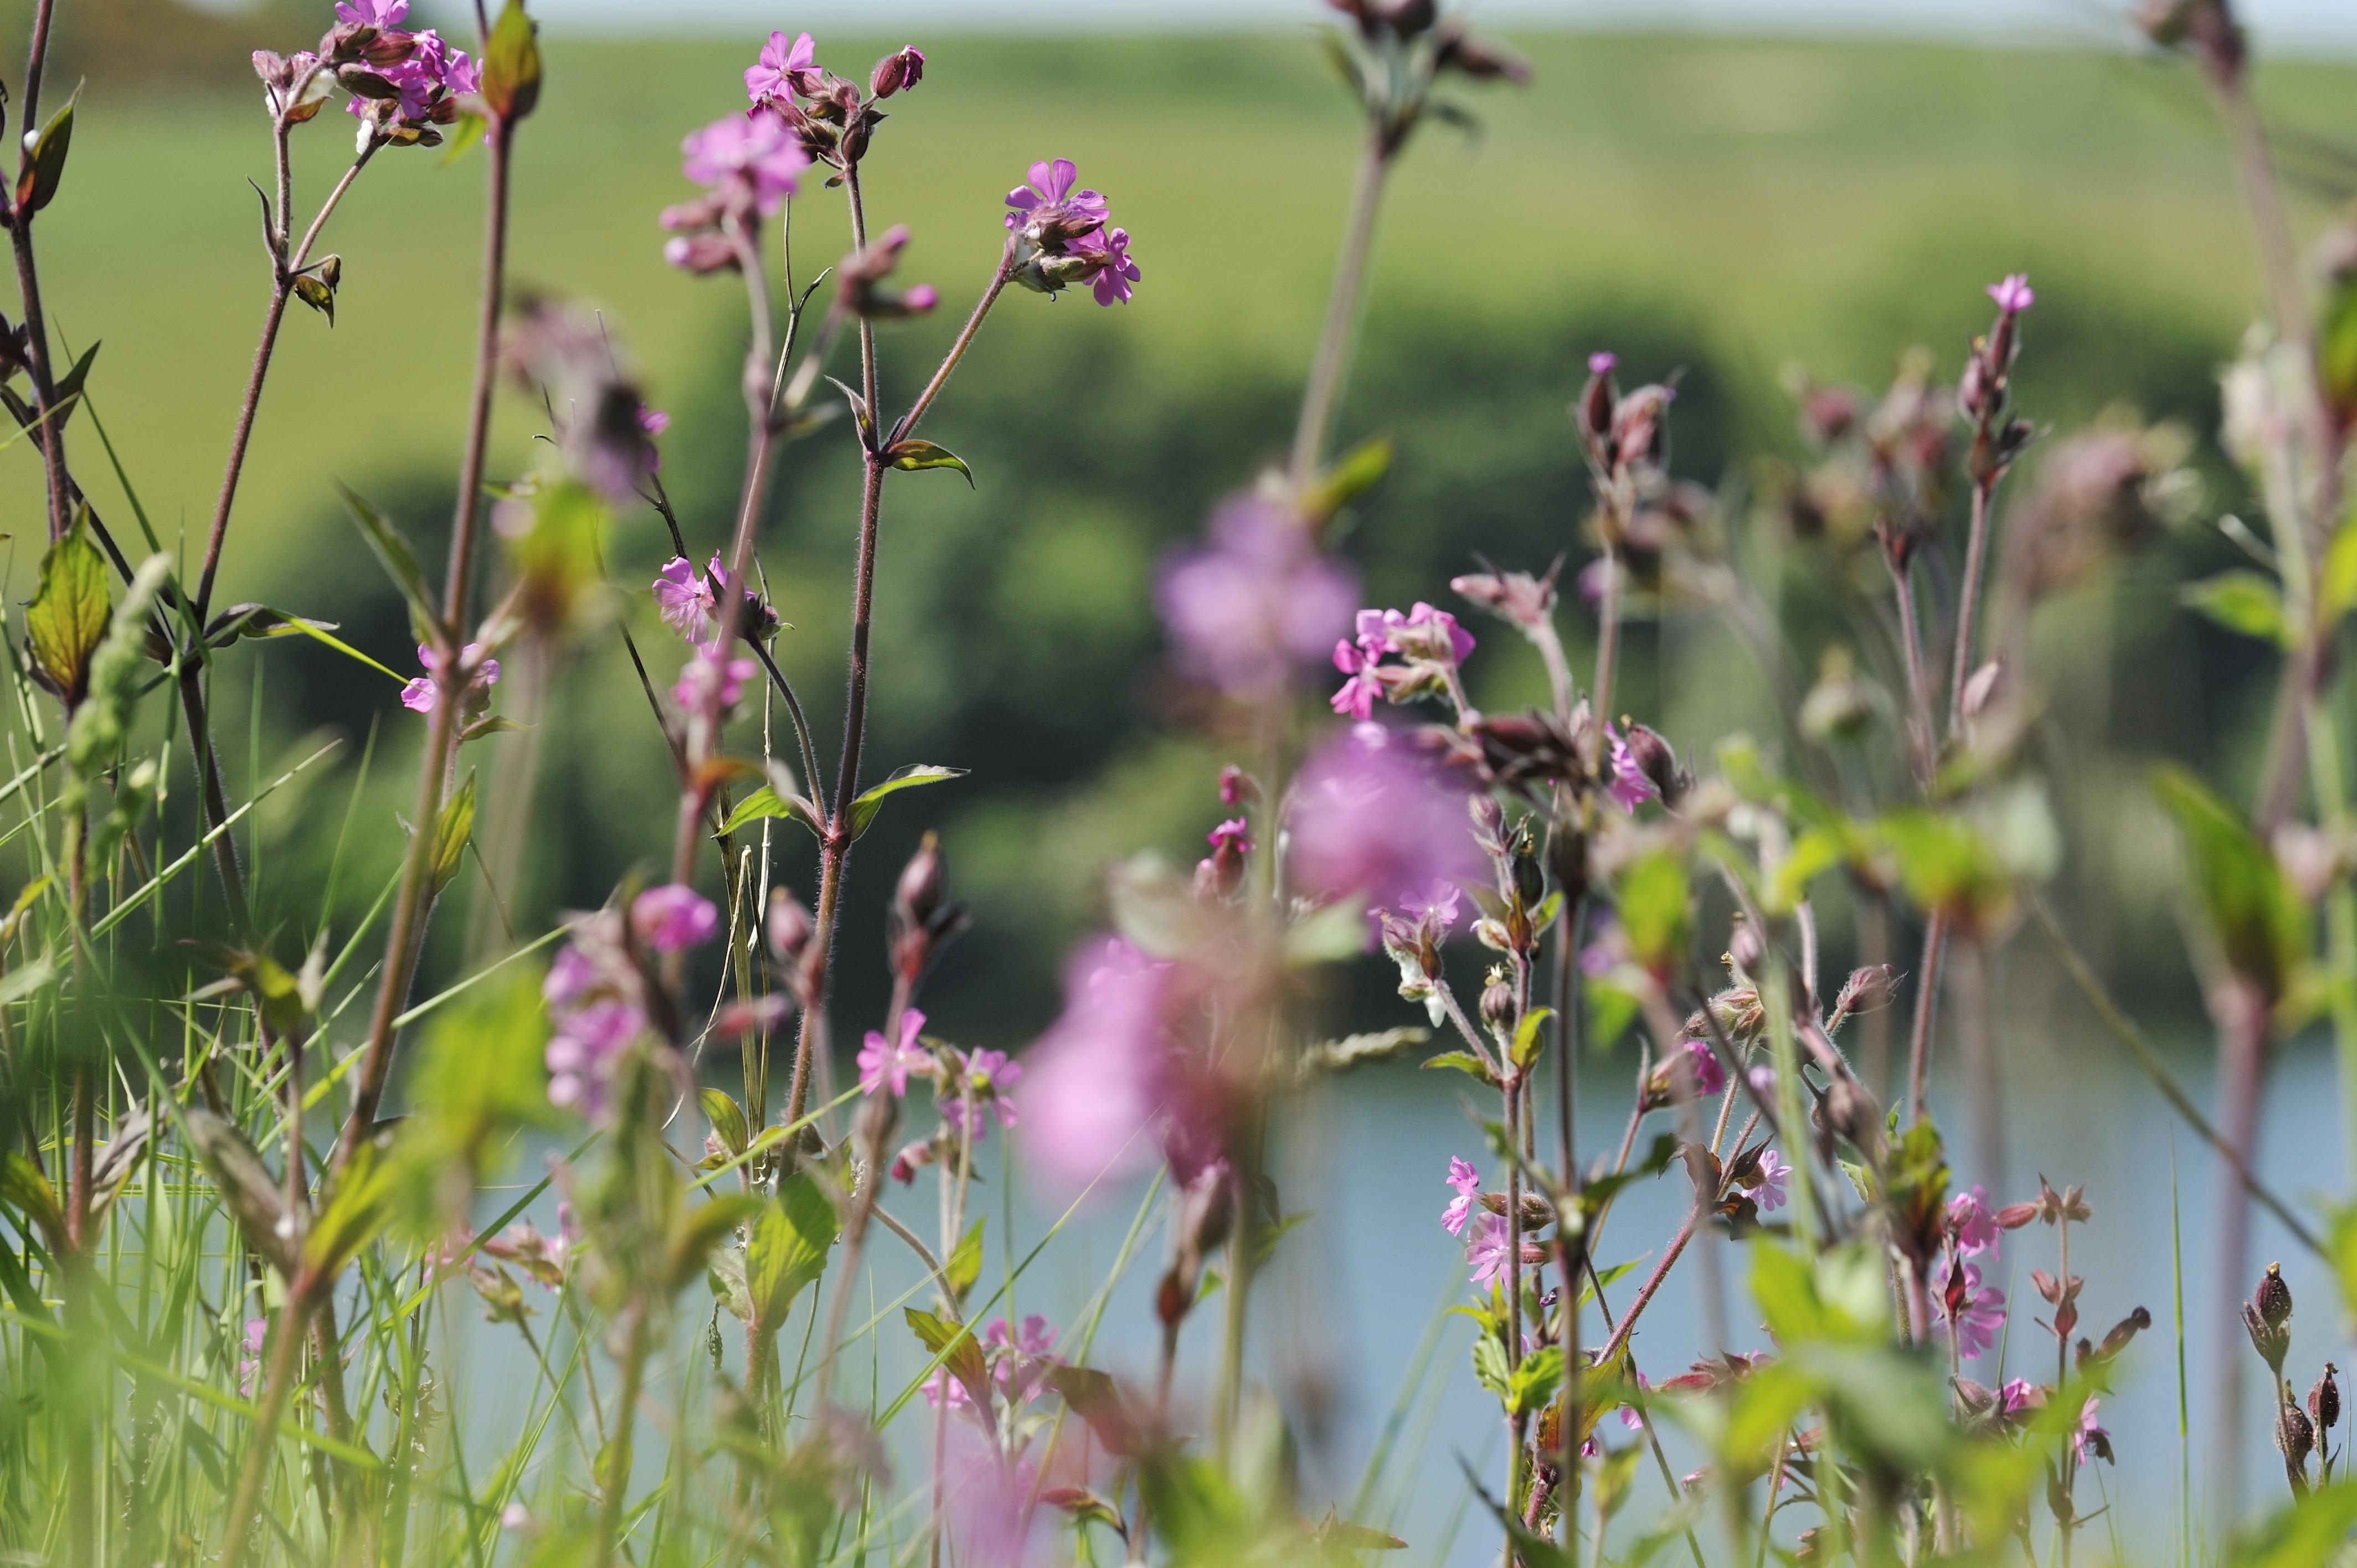 kcla flowers